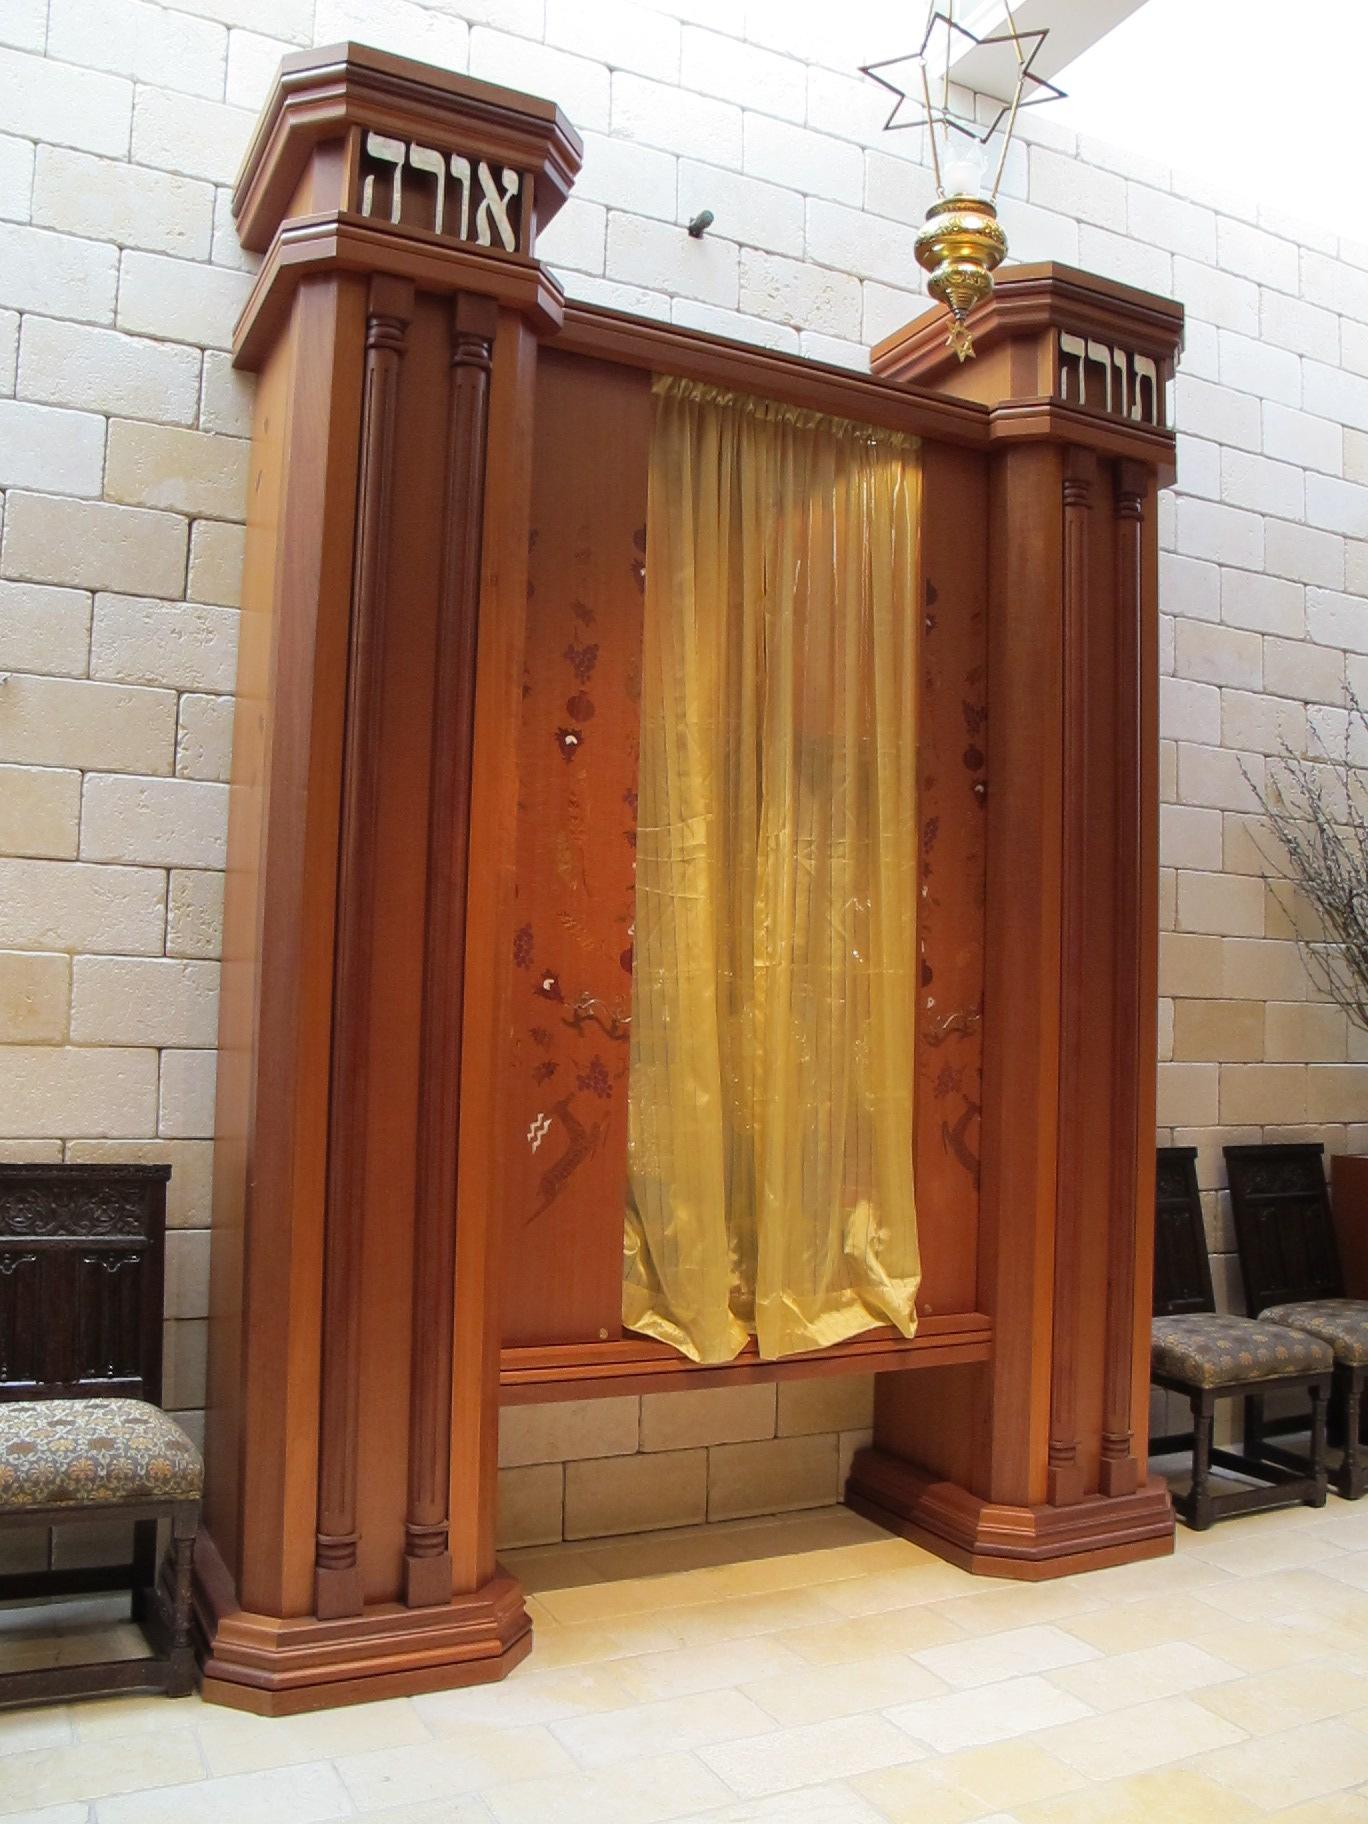 Torah Ark Sliding Doors Opened